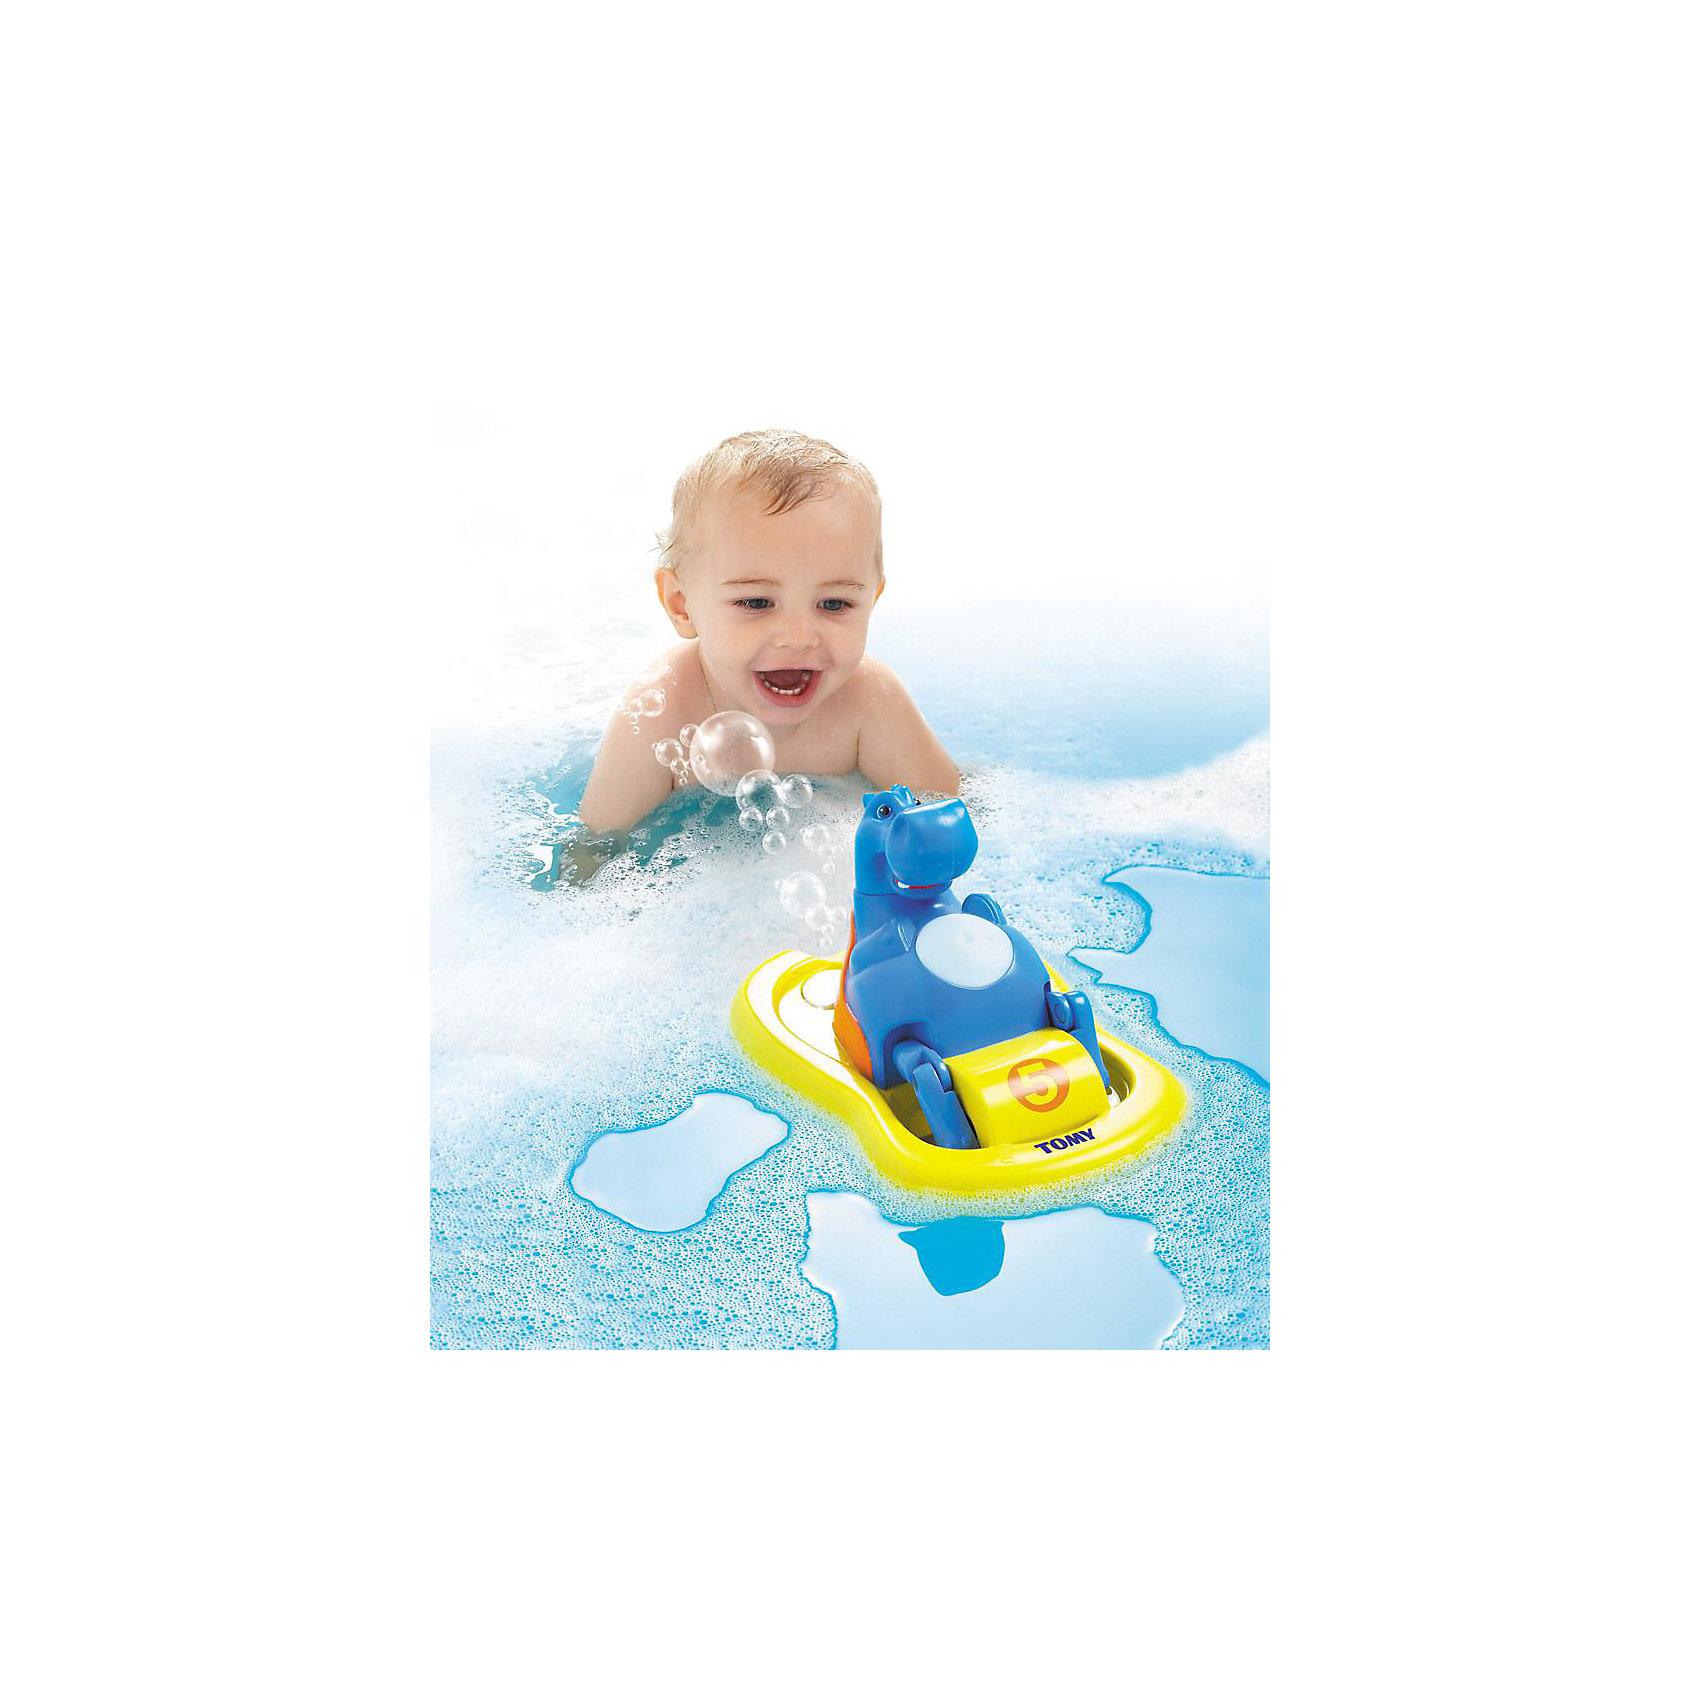 Игрушка для ванной «Бегемотик на катамаране», TOMYИгрушка для ванной «Бегемотик на катамаране» из серии AQUA FUN известного бренда TOMY - это забавная игрушка для купания, которая подойдет и младенцам, и маленьким детям. <br><br>Малыш никогда не получал столько удовольствия от купания – великолепная игрушка в виде улыбающегося бегемотика на жёлтом катамаране развеселит каждого малыша во время водных процедур!<br><br>Инструкция совершенно проста. У игрушки есть специальное отверстие, куда нужно залить пену или мыльный раствор. Животик бегемота представлен в виде большой голубой кнопки. Нажав на неё, бегемотик начинает плавать в ванне на катамаране и даже напевать при этом задорнейшую песенку! Остановить его движение и музыкальное сопровождение можно также с помощью кнопки на животе бегемота. И это ещё не всё! Двигаясь по воде, из катамарана будут вылетать мыльные пузыри –  ну разве Ваш малыш останется равнодушным после этого?<br><br>Во время игры с бегемотиком, ваш ребёнок не только получает неописуемое удовольствие, но также непосредственно развивает важнейшие навыки. У малыша развивается моторика, логика и координация. <br><br>Никогда ещё купание Вашего малыша не было таким весёлым и полезным!<br><br>Дополнительная информация:<br>Материал: пластмасса<br>Размер (д/ш/в): 25 х 18,3 х 15,4 см<br>Вес: 0,52 кг<br>Батарейки: 3 щелочные батарейки Миньон типа LR06/AA (входят в комплект)<br><br>Рекомендуем сразу купить запасные батарейки - чтобы продлить удовольствие!<br><br>Ширина мм: 222<br>Глубина мм: 213<br>Высота мм: 134<br>Вес г: 527<br>Возраст от месяцев: 12<br>Возраст до месяцев: 48<br>Пол: Унисекс<br>Возраст: Детский<br>SKU: 1602936